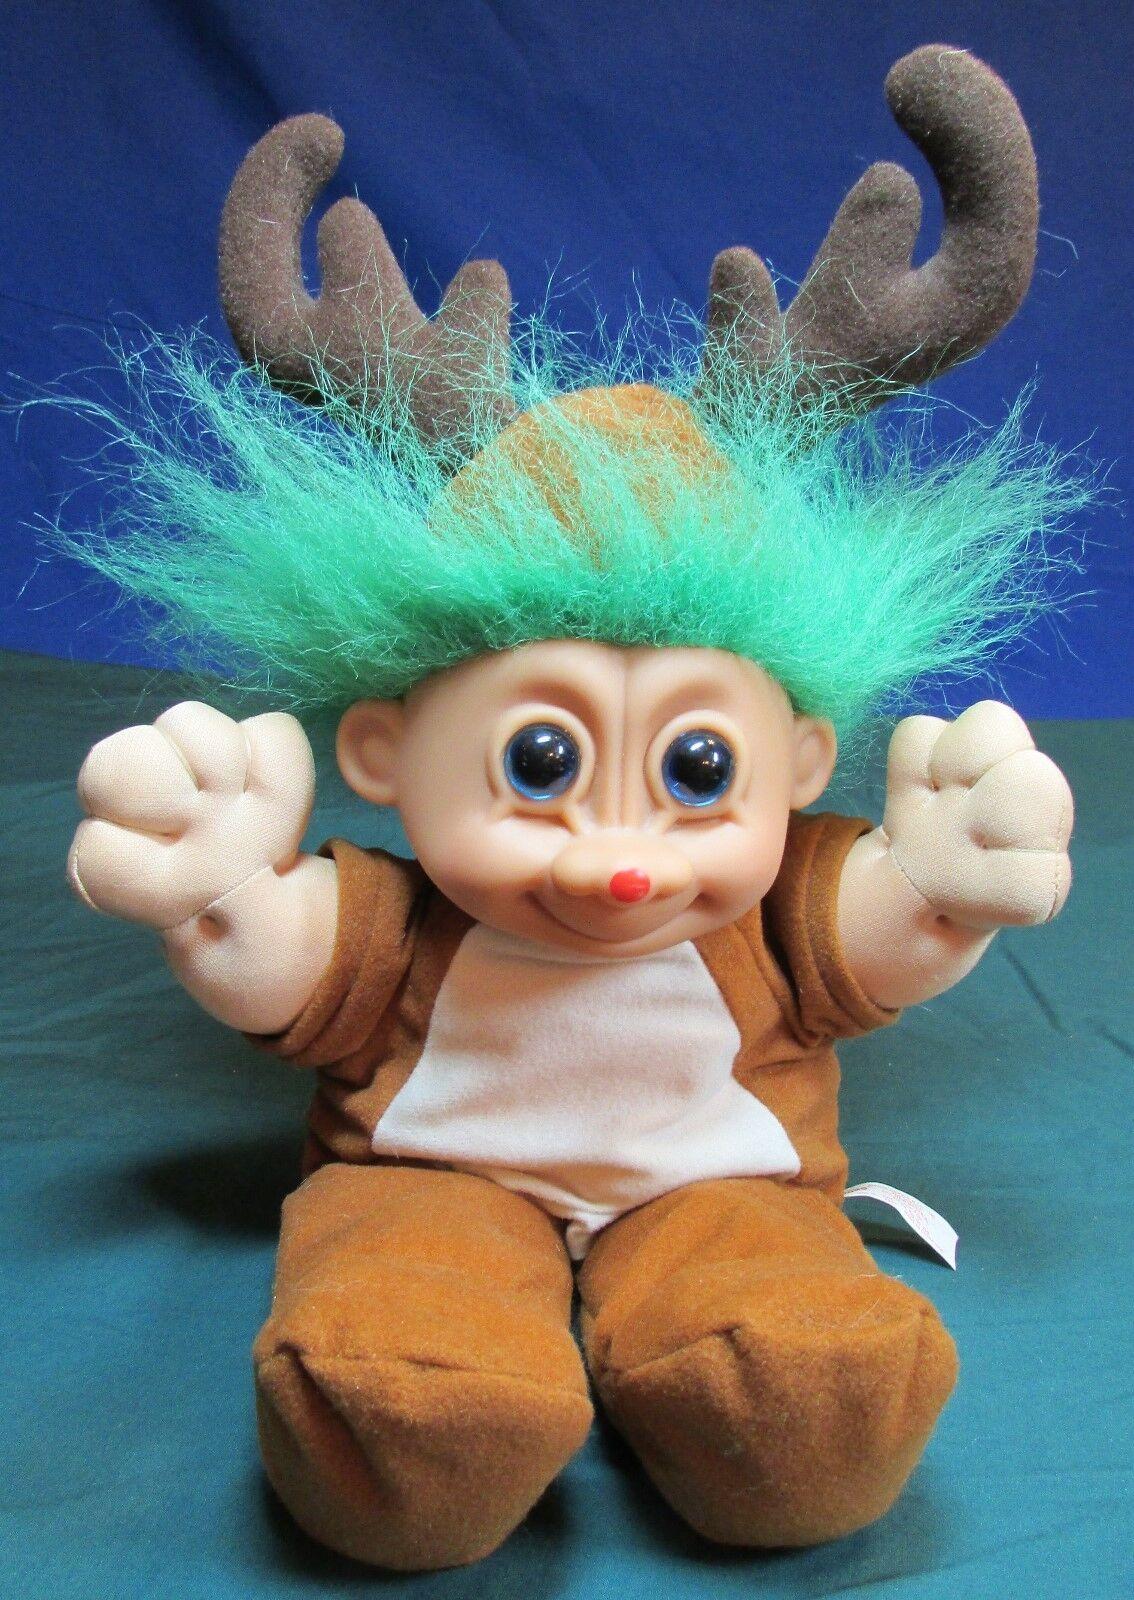 Russ - Troll Kidz Green Haired Reindeer - Very Good Cond 12 Inch - $9.99